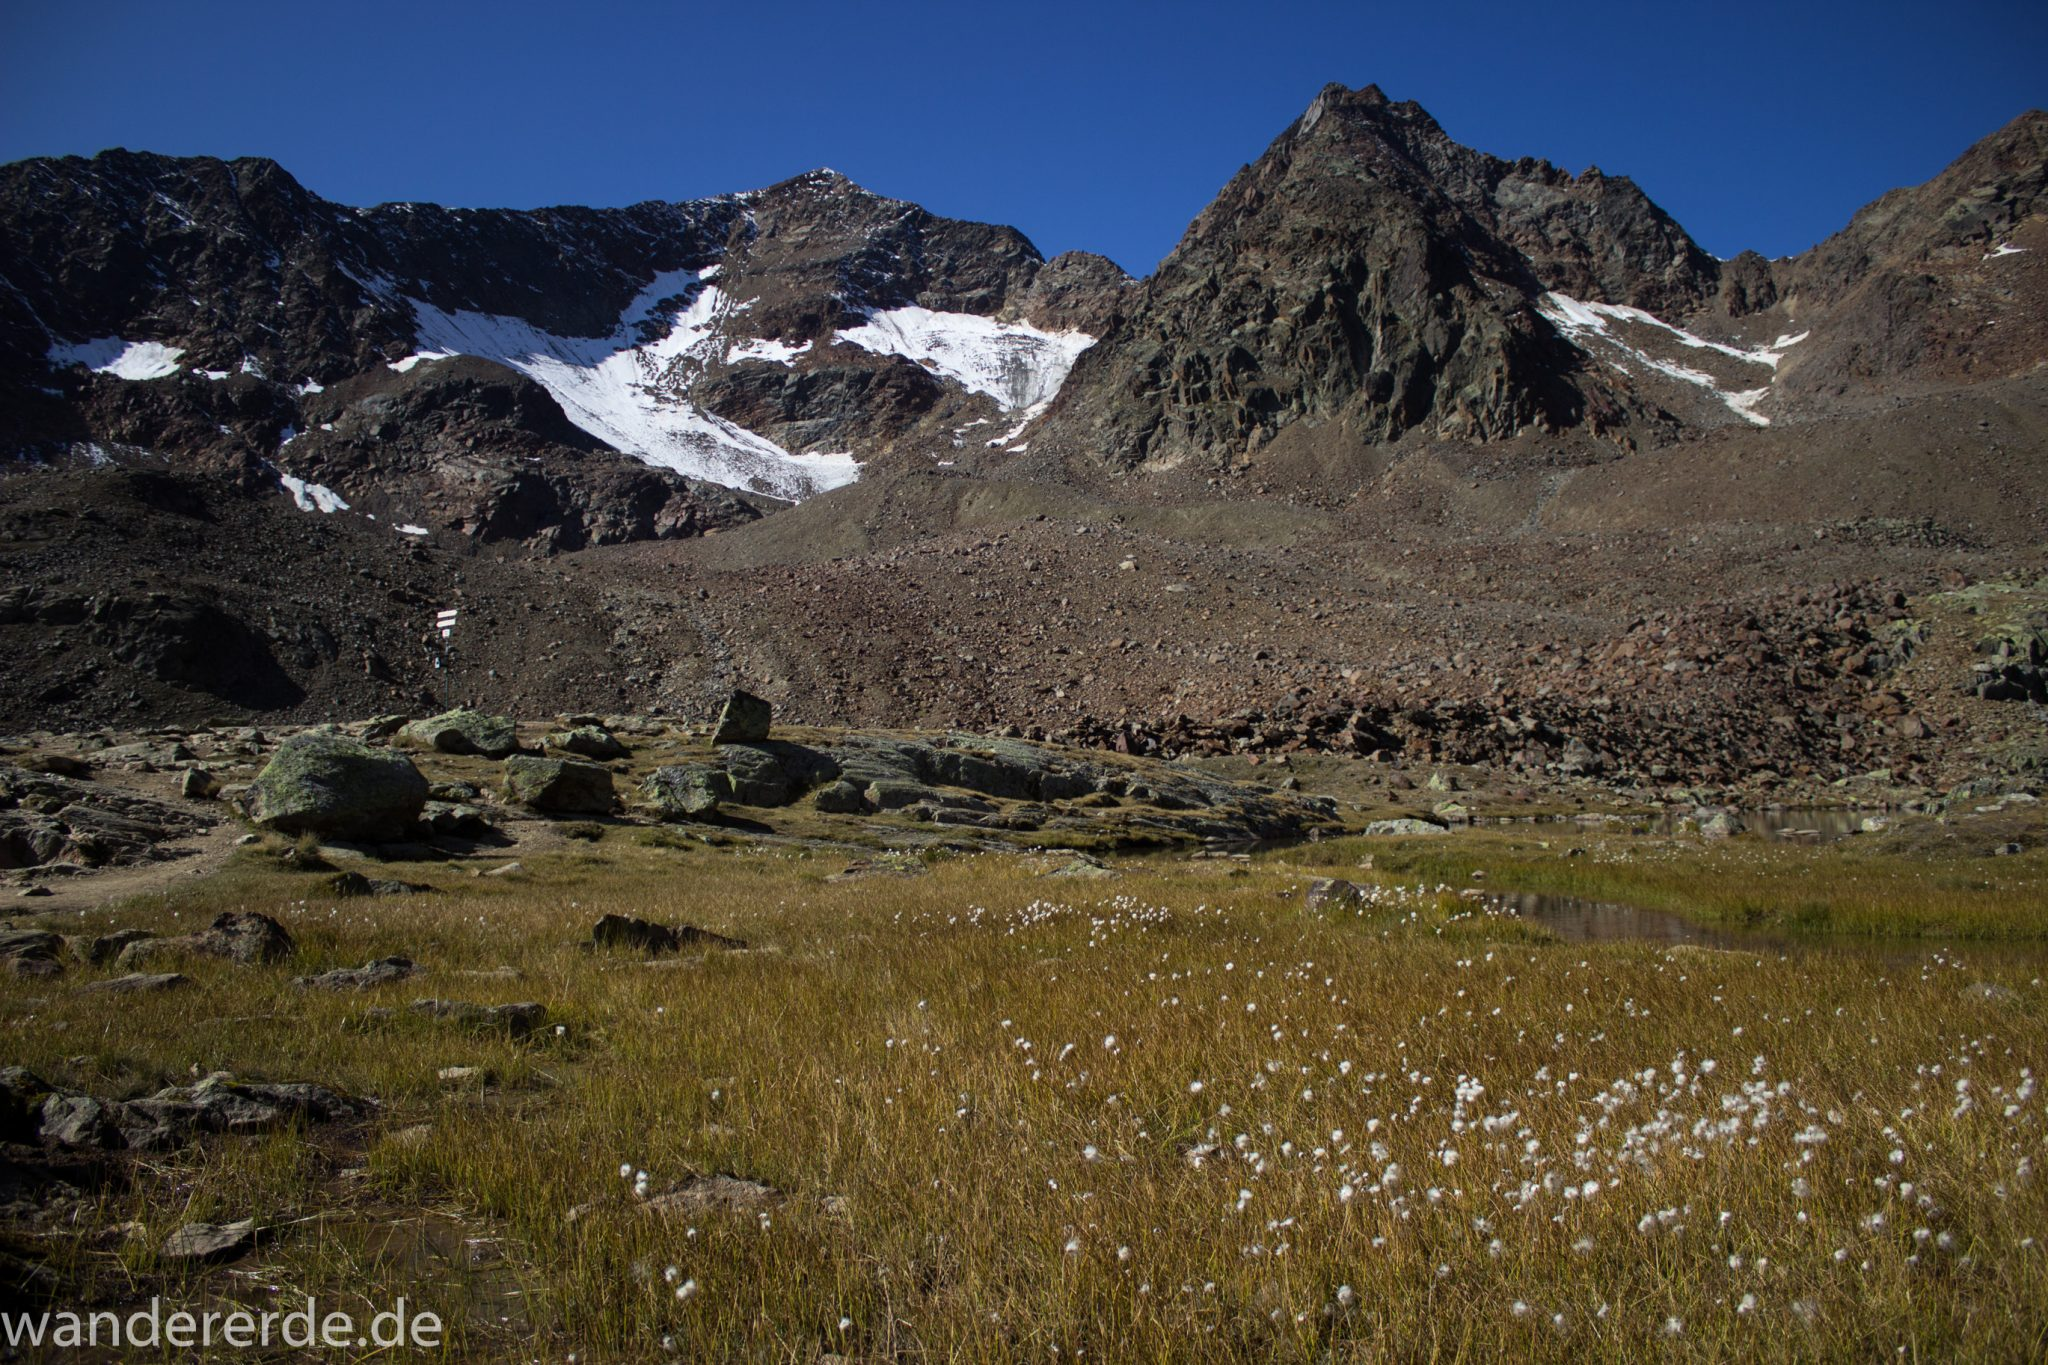 Alpenüberquerung Fernwanderweg E5 Oberstdorf Meran, 5. Etappe von Braunschweiger Hütte zur Martin-Busch-Hütte, Wanderung auf dem neuen Panoramaweg nach Vent dauert 4 Stunden, sehr abwechslungsreiche Wegführung auf schmalem, schönem Wanderweg, Zeit vergeht schnell, immer nur kurze Abschnitte ansteigend bergauf, dann wieder bergab, zauberhafte Ausblicke auf die umliegenden Berge und ins Tal, herrliches Wetter zum Wandern bei strahlendem Sonnenschein, Blick auf Hochebene mit Blumen und kleinem Bach